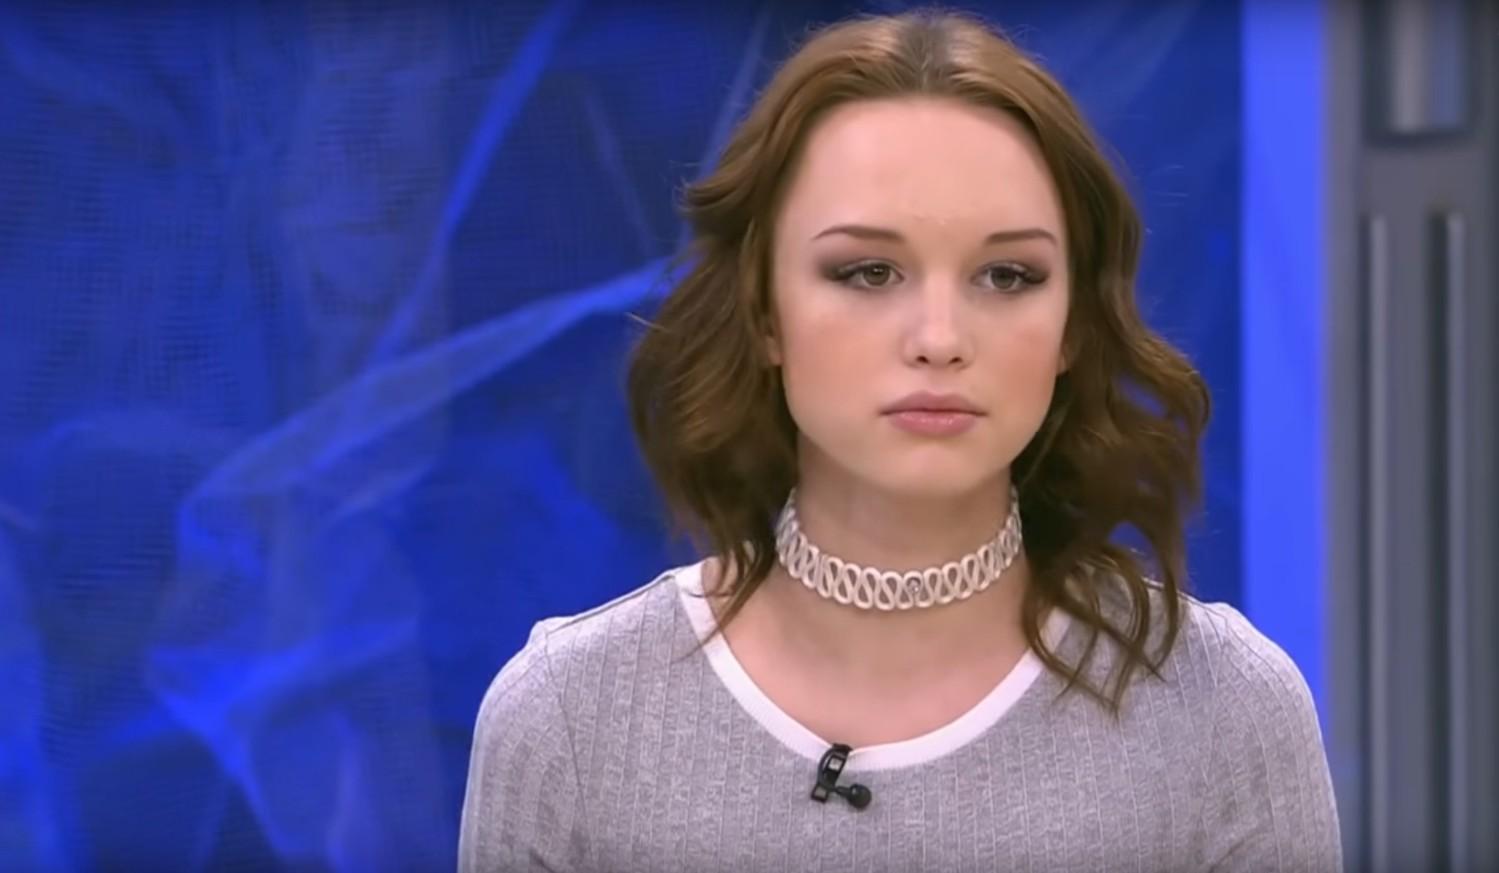 молодые девочки без трусов порно фото